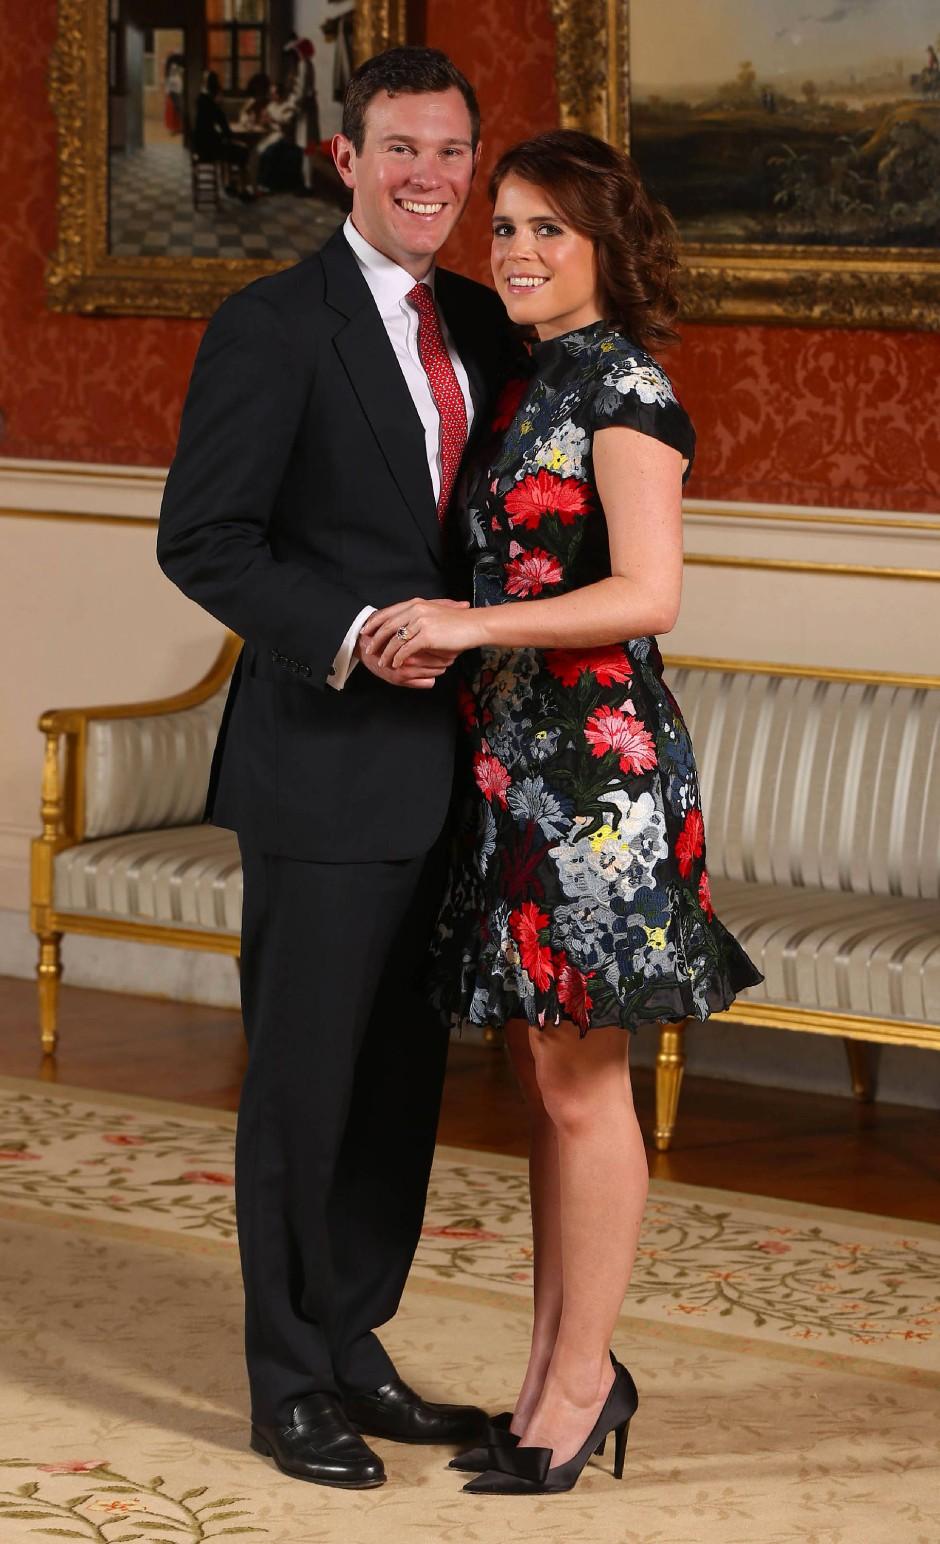 Meister der Abendroben: Die Kleider von Erdem schätzen auch die Frauen im britischen Königshaus, zum Beispiel Prinzessin Eugenie, die im Januar in einem Modell des Designers ihre Verlobung bekanntgab.